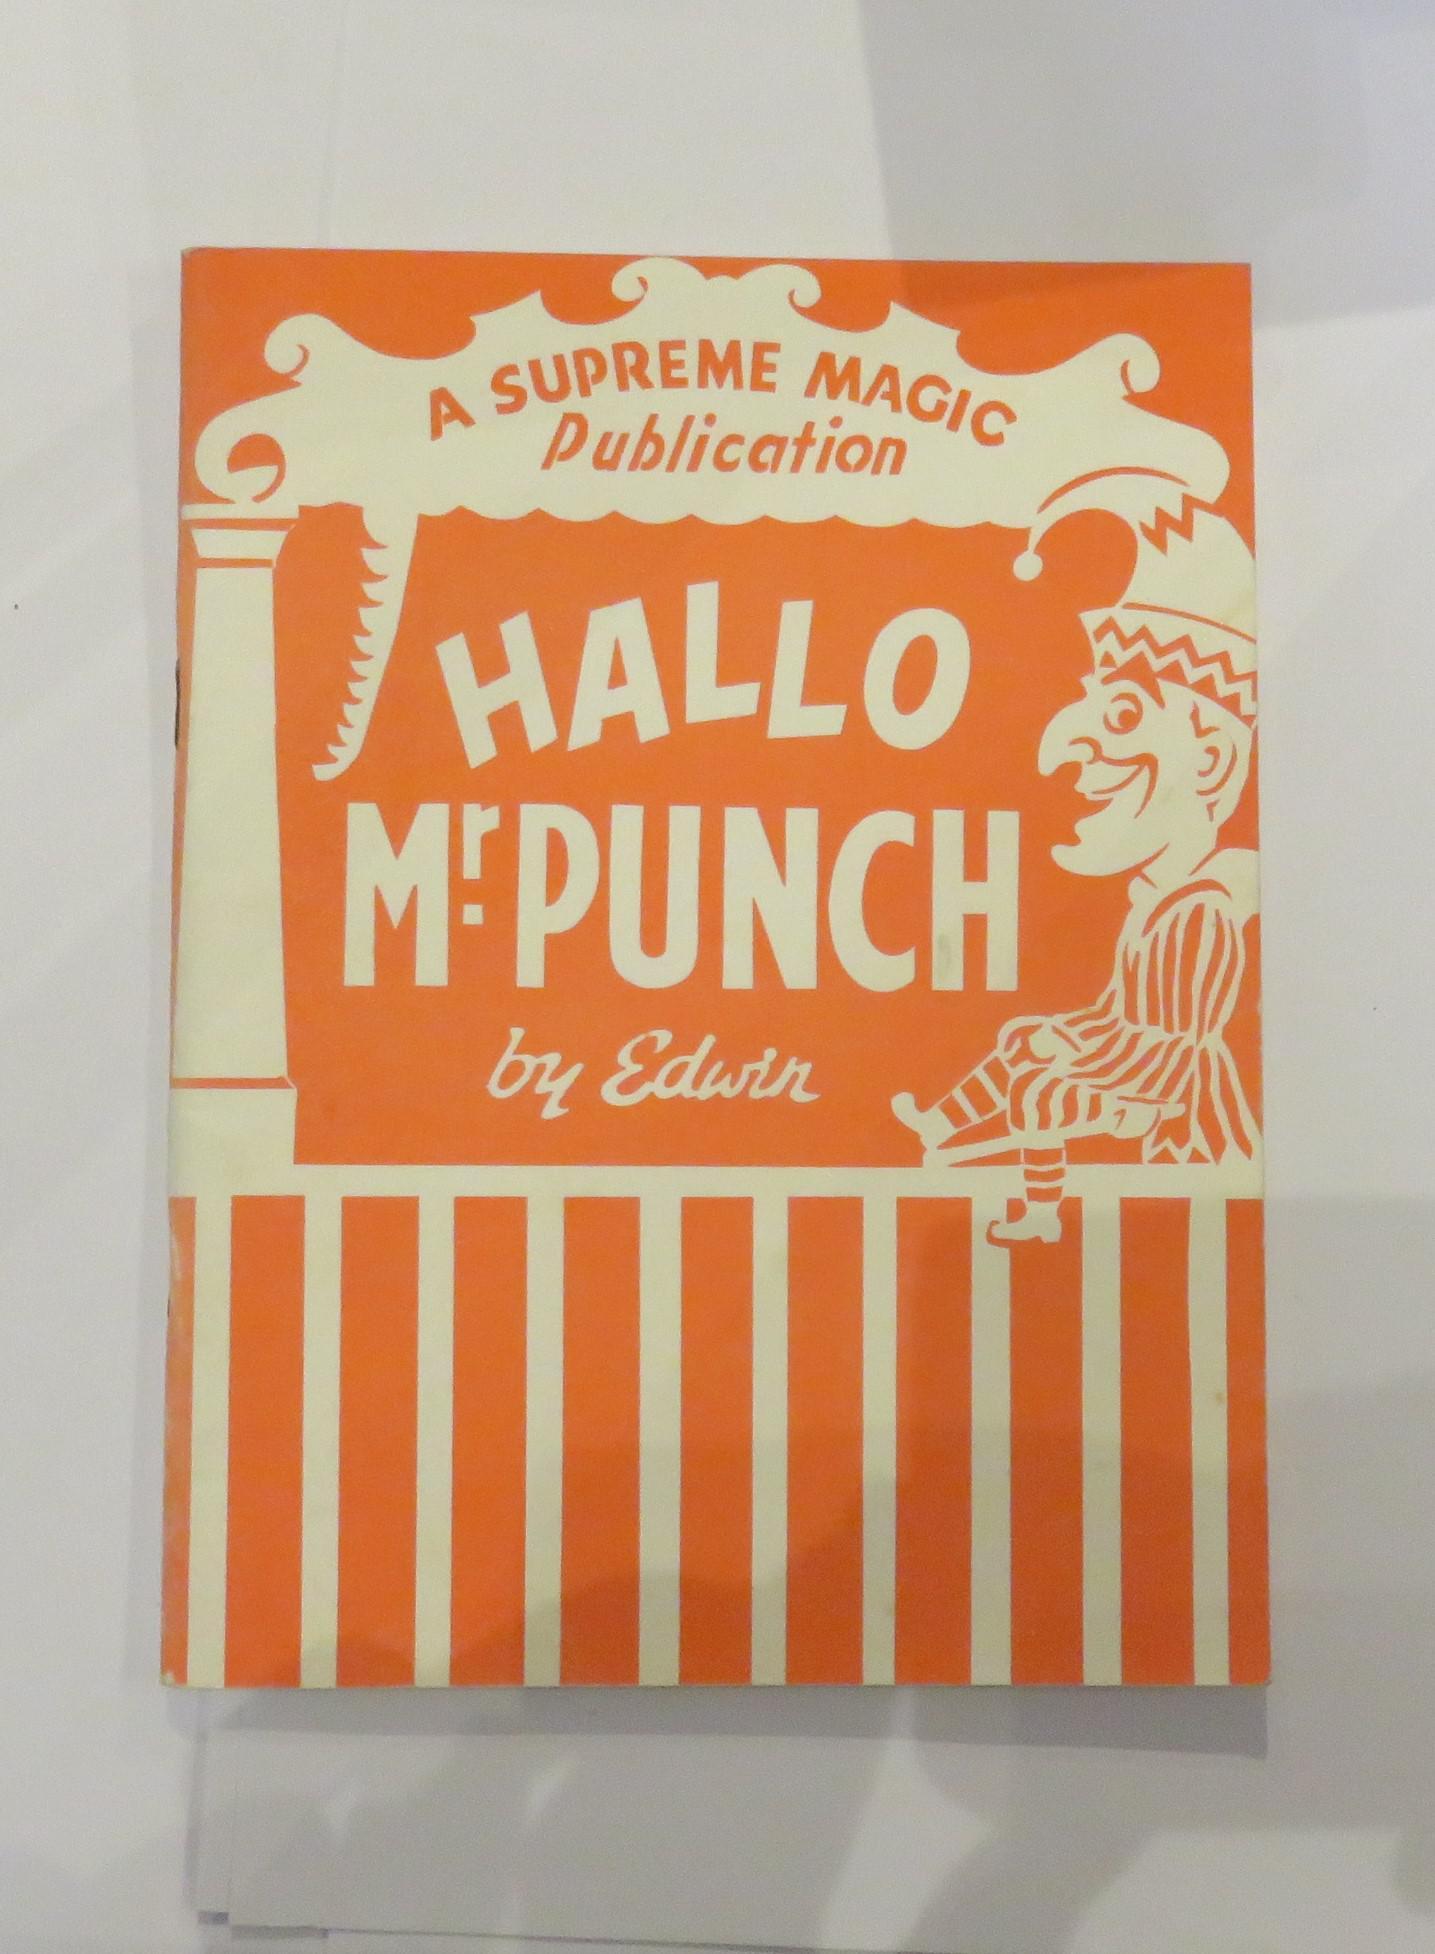 Hallo Mr Punch